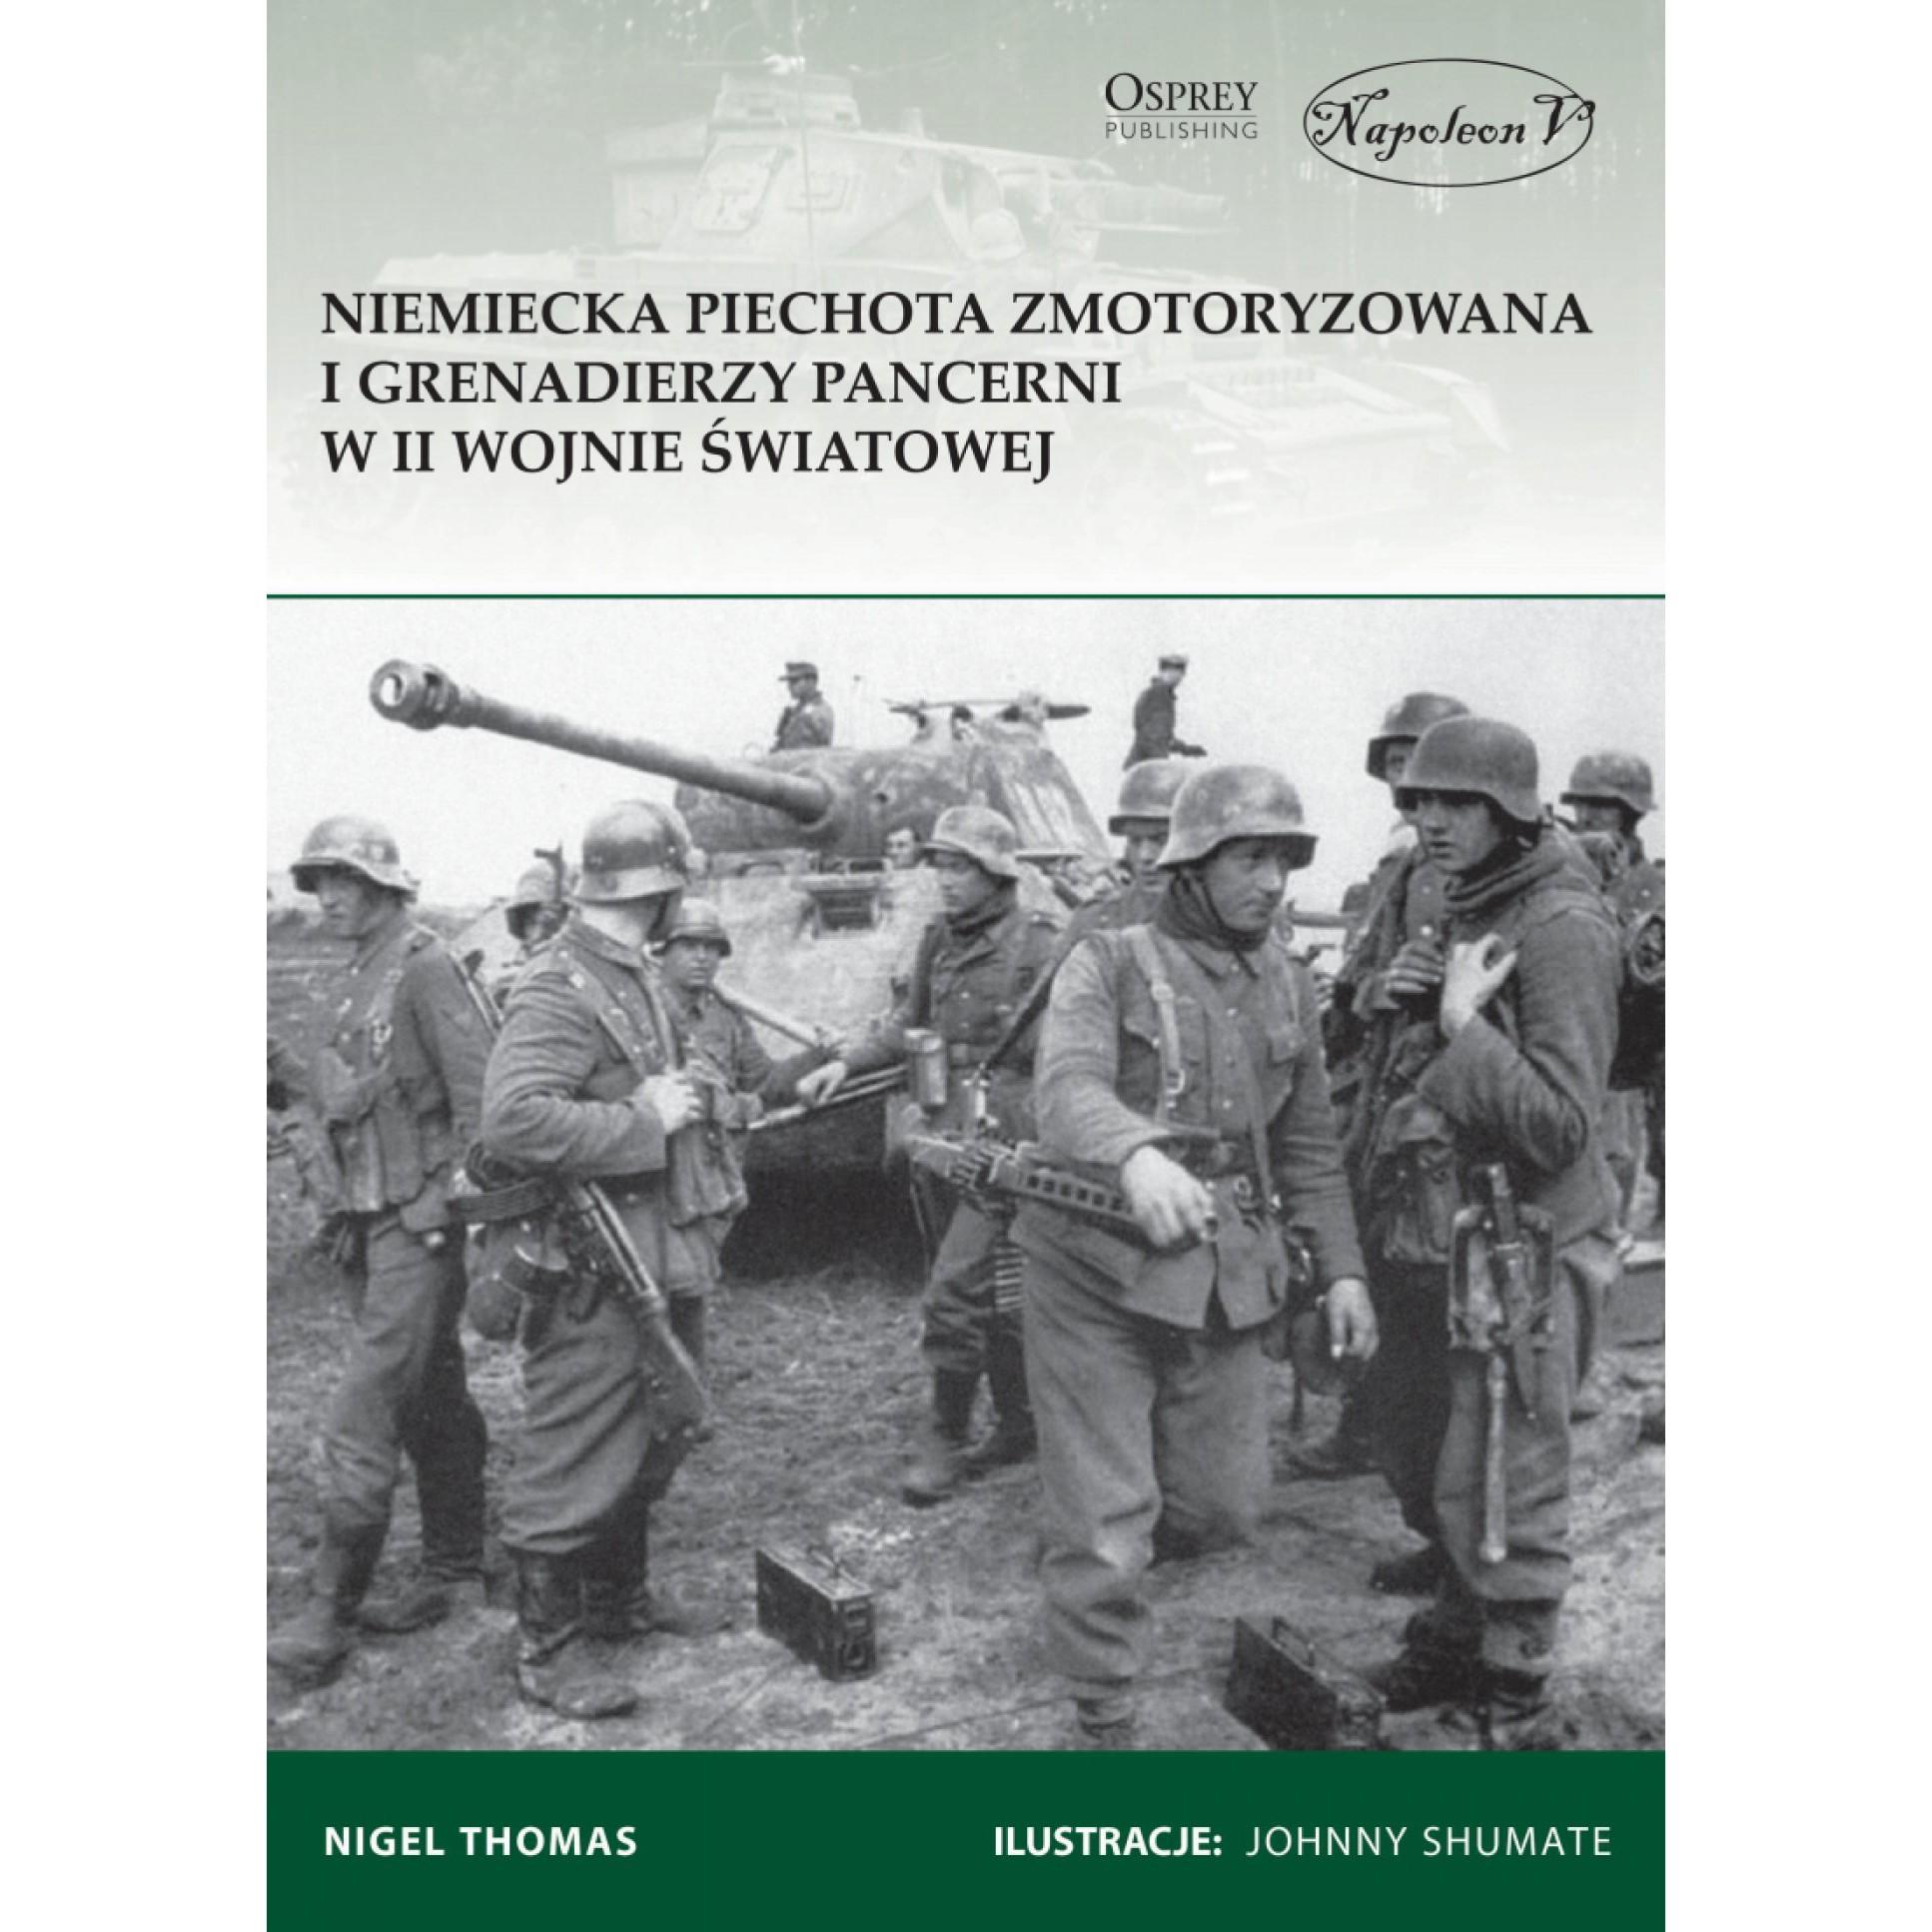 Niemiecka piechota zmotoryzowana i grenadierzy pancerni w II wojnie światowej